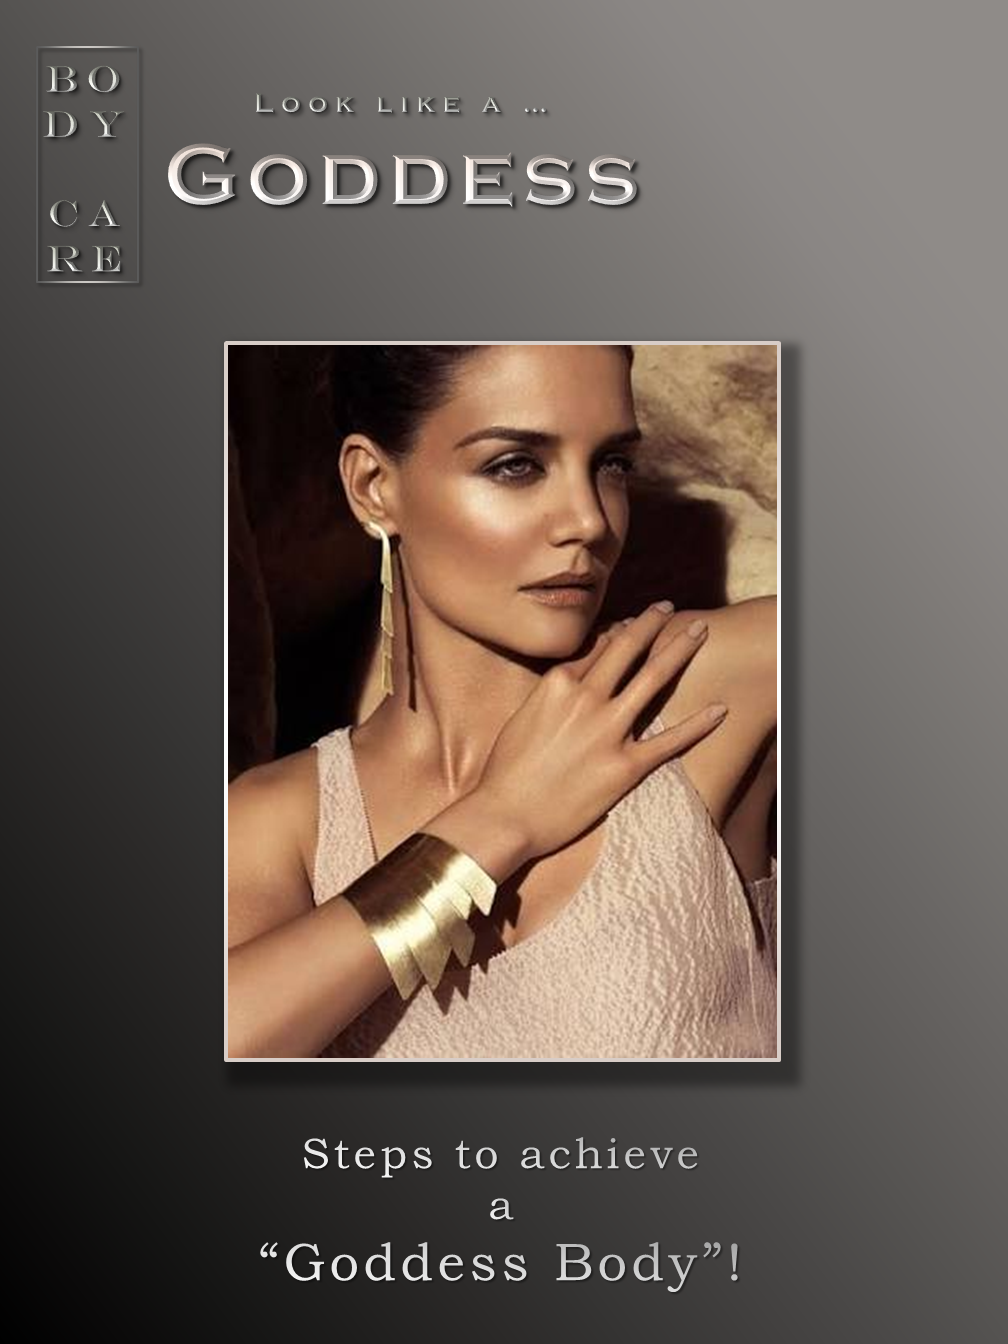 Like a ... Goddess!